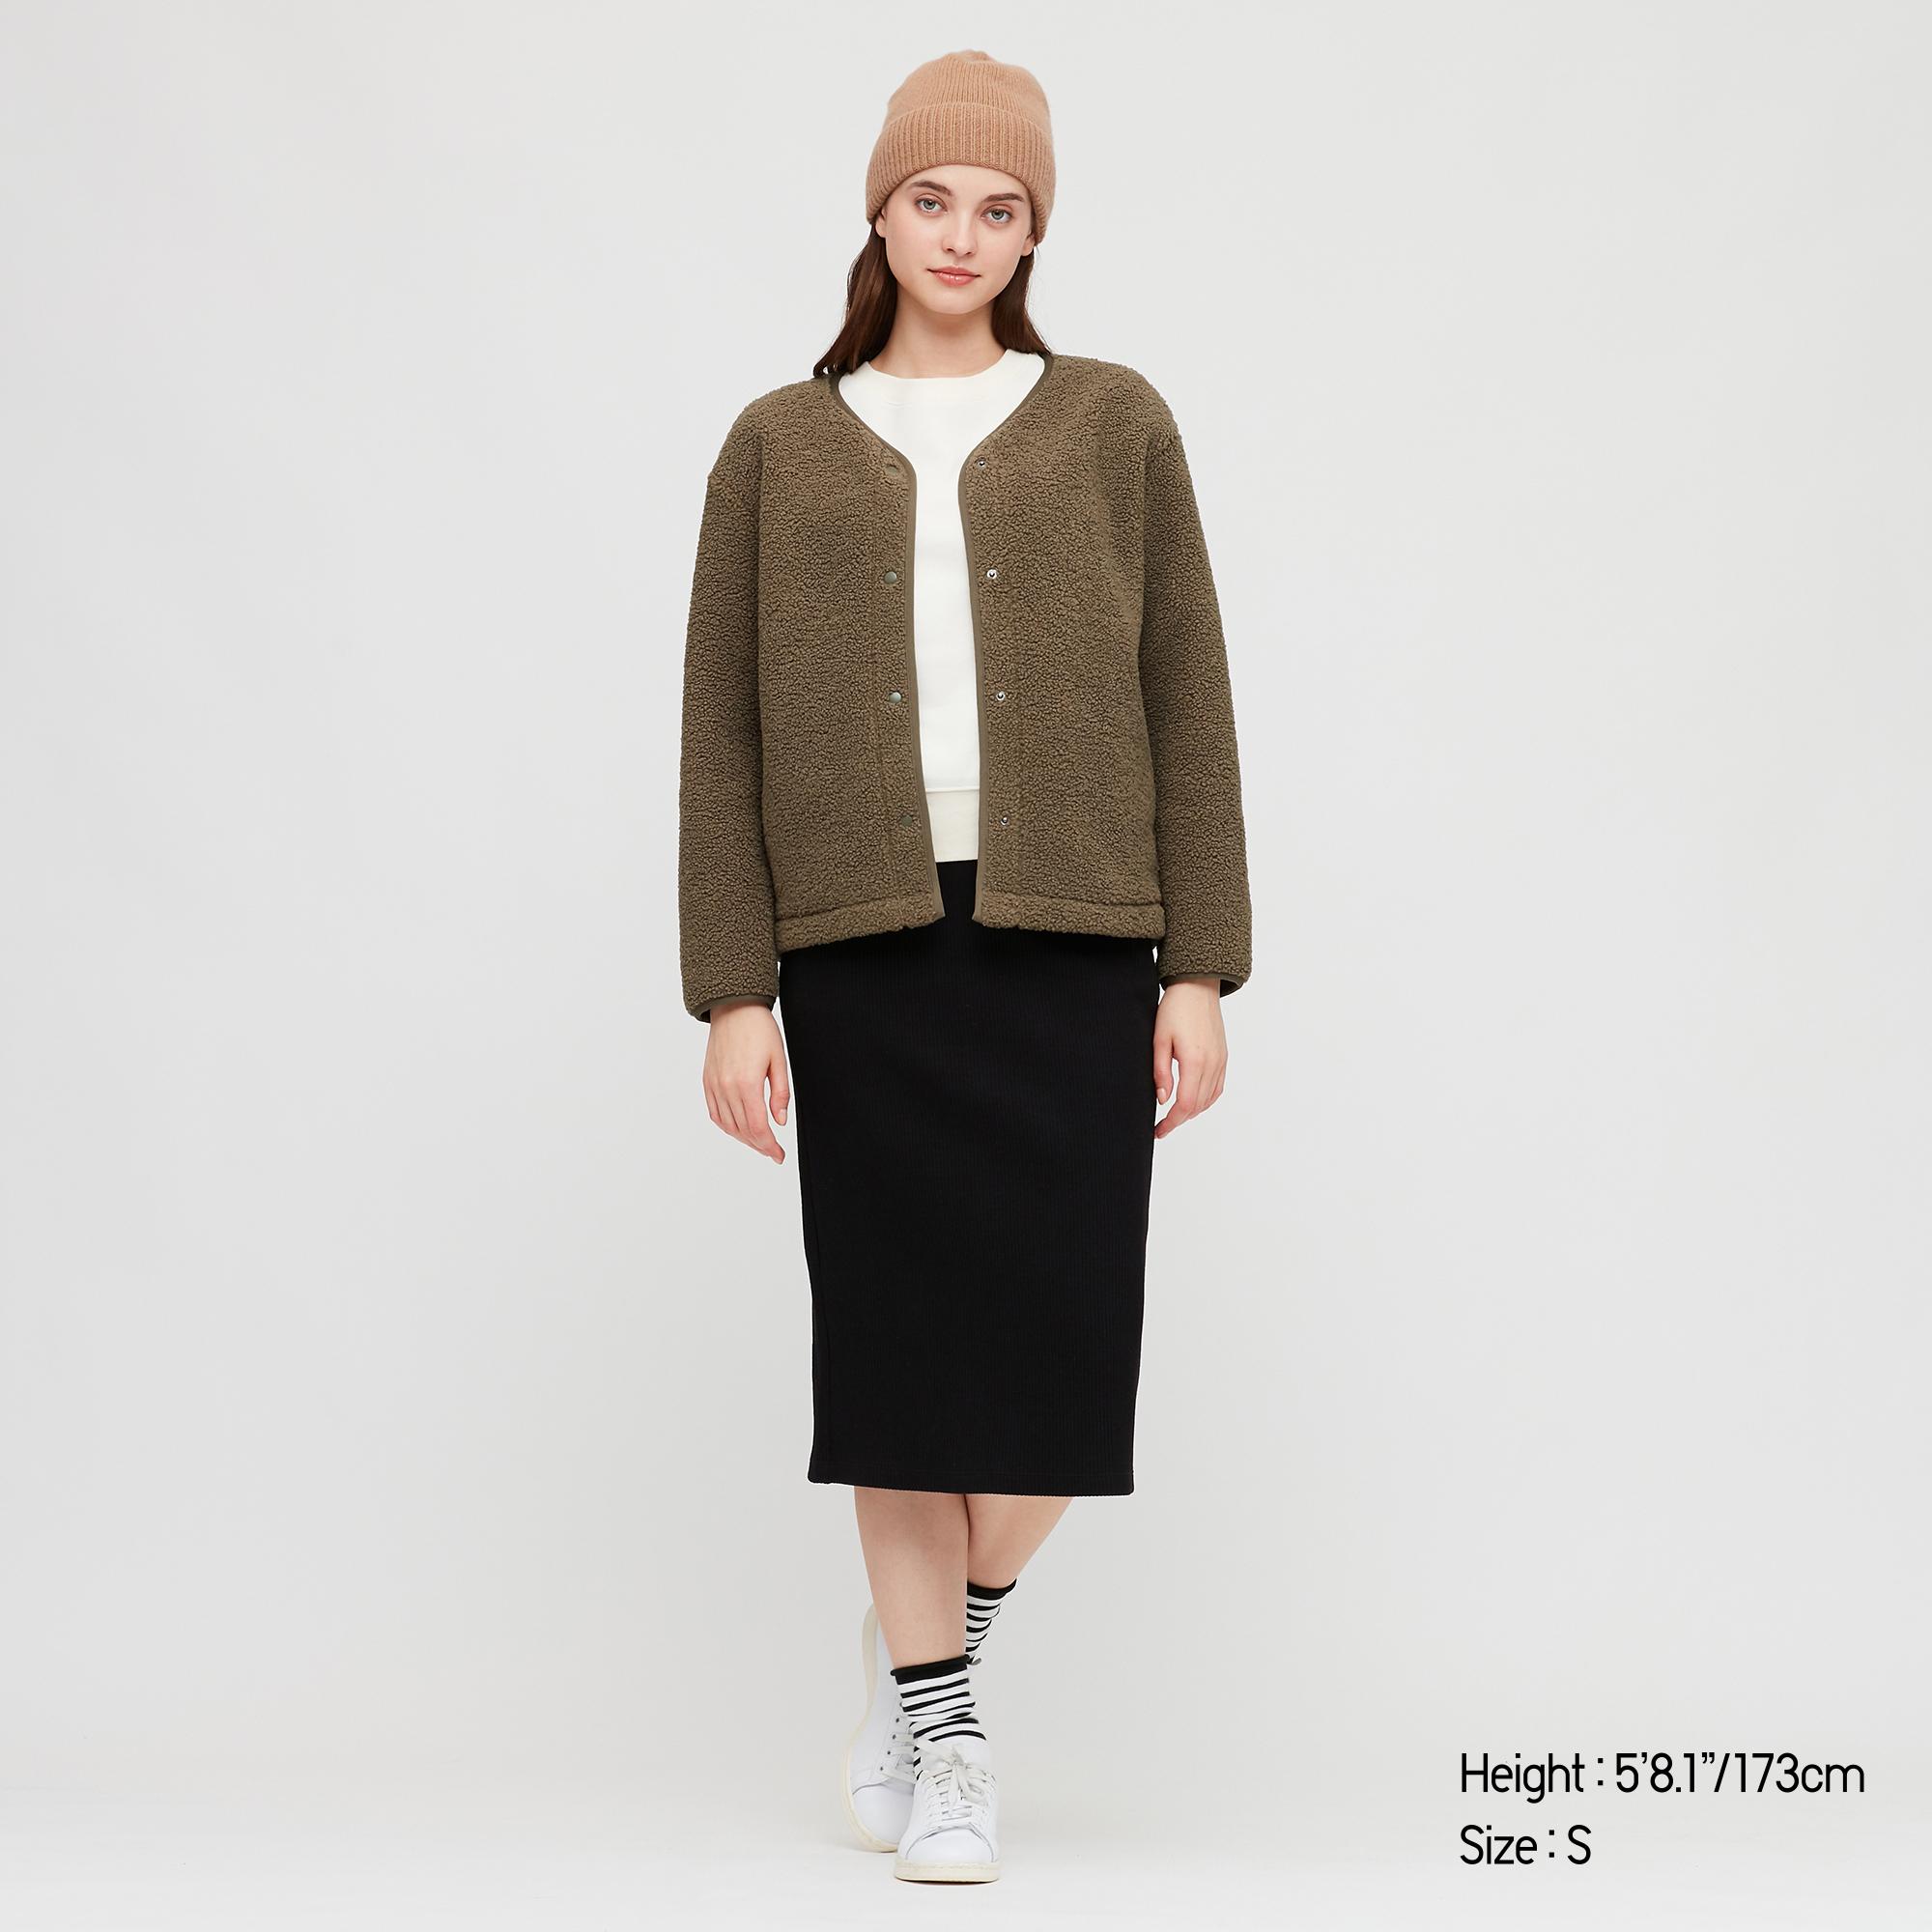 Women Pile-Lined Fleece Crew Neck Cardigan, Dark Brown, Large